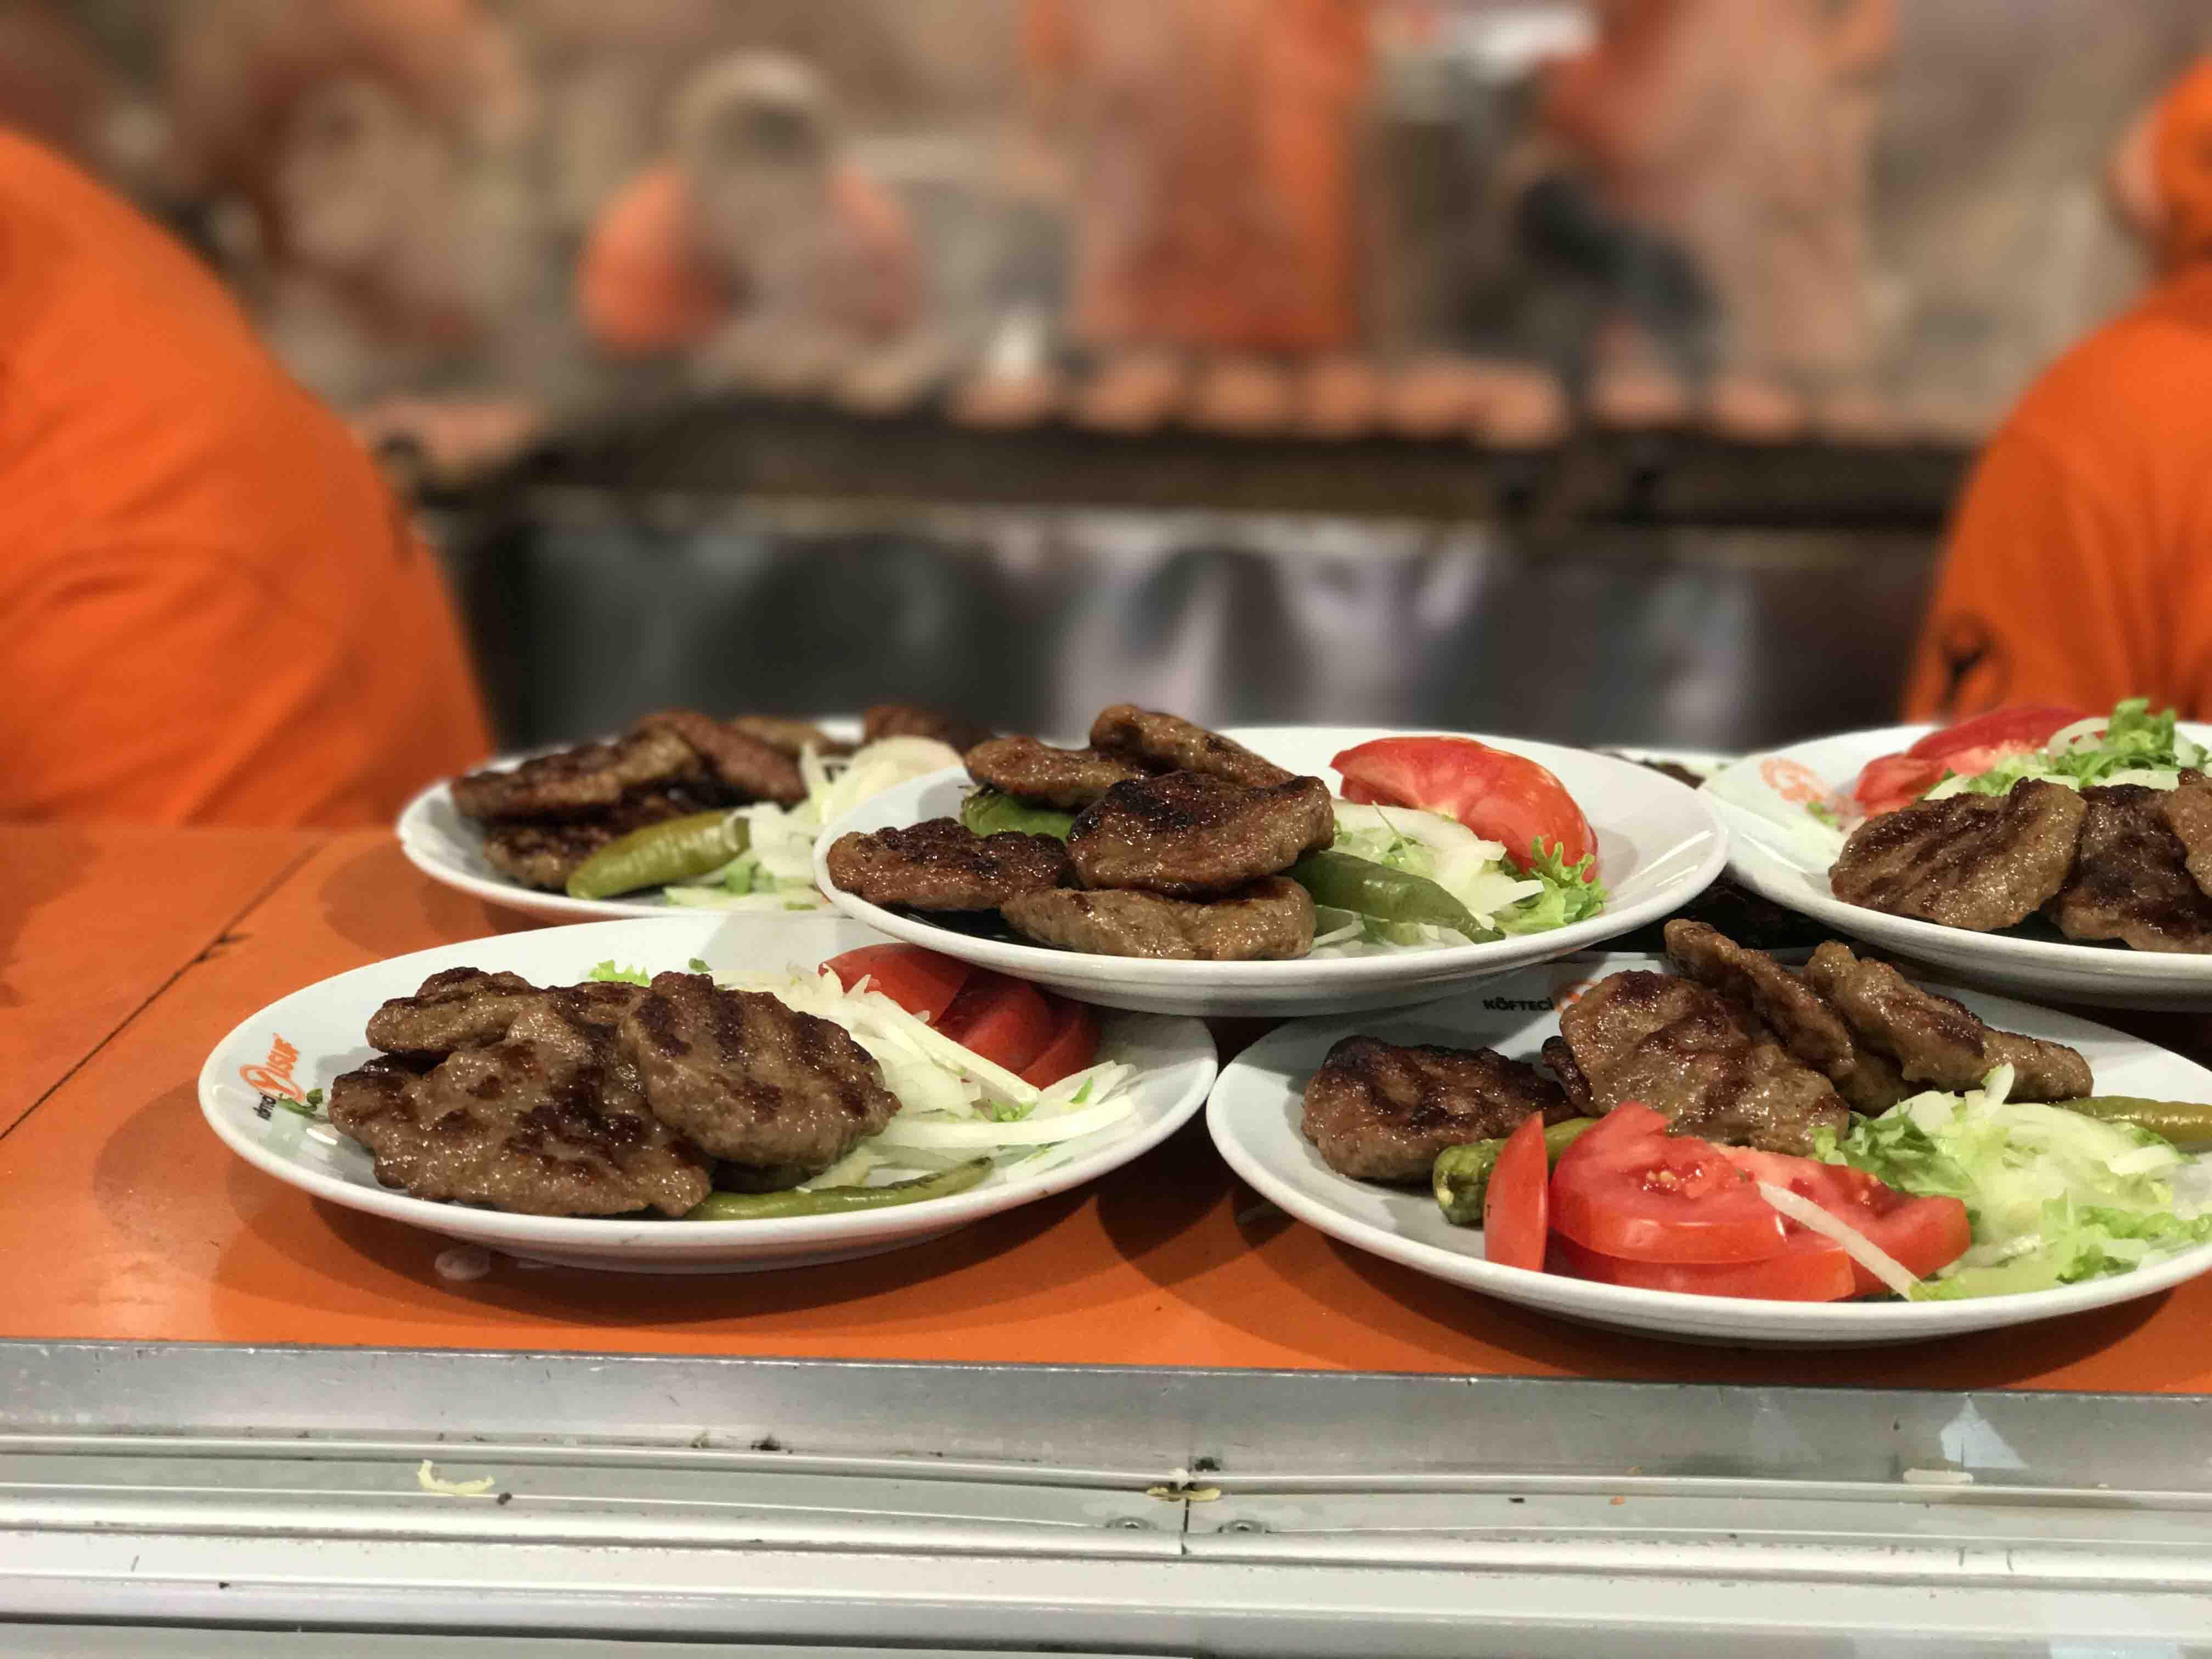 مطعم كفتجي يوسف بورصة - افضل مطاعم بورصة